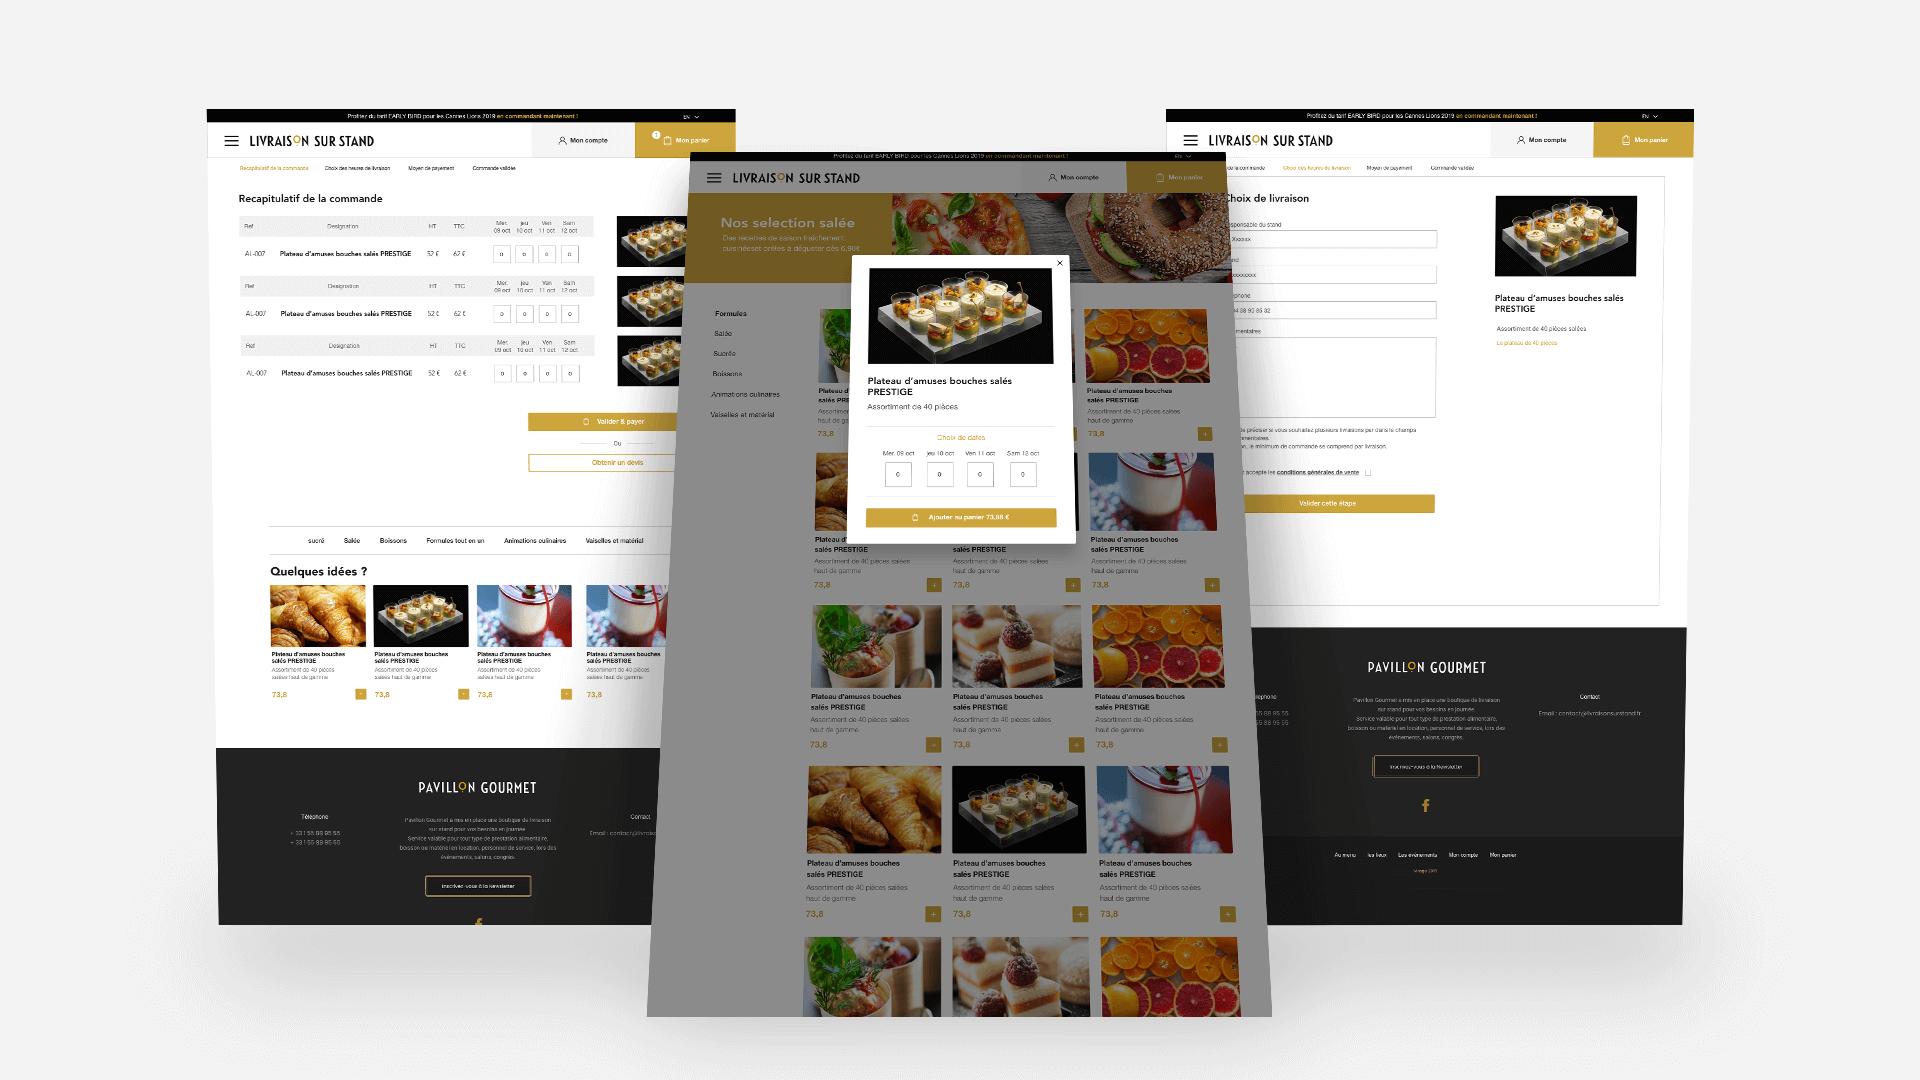 les pages du site Pavillon Gourmet